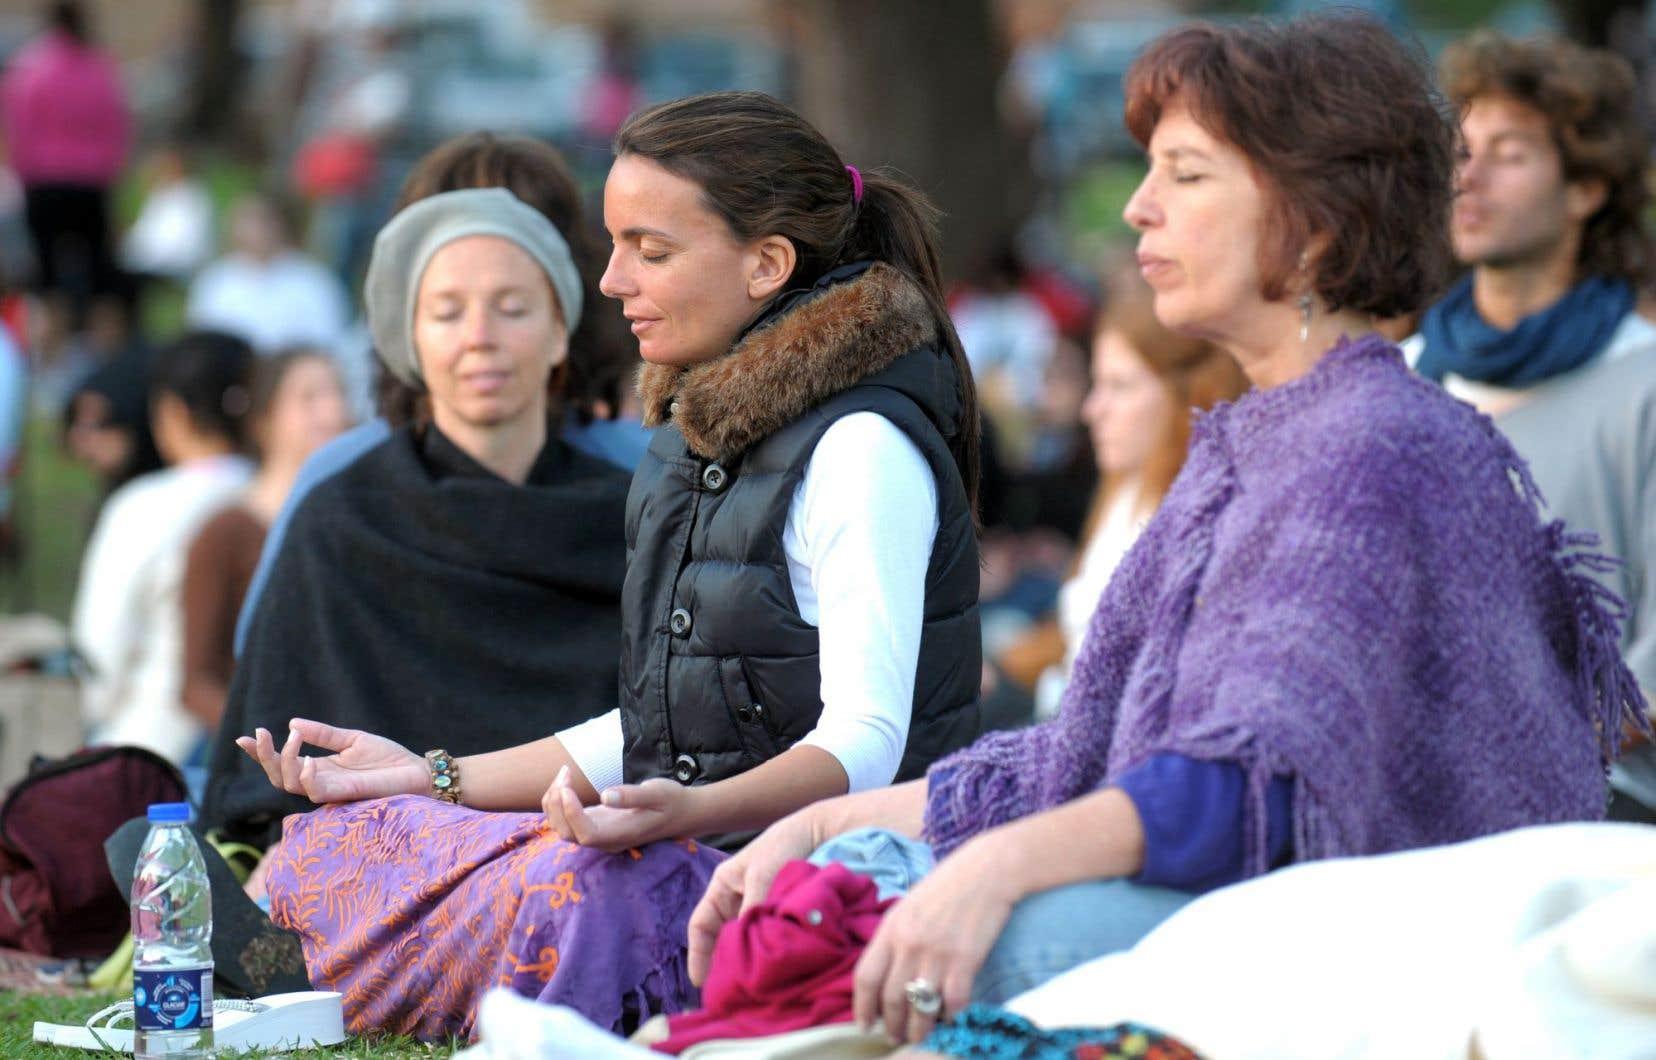 Pour requinquer un ego au fond des chaussettes, il existe à présent les mantras, supposés contenir toute la sagesse du monde.